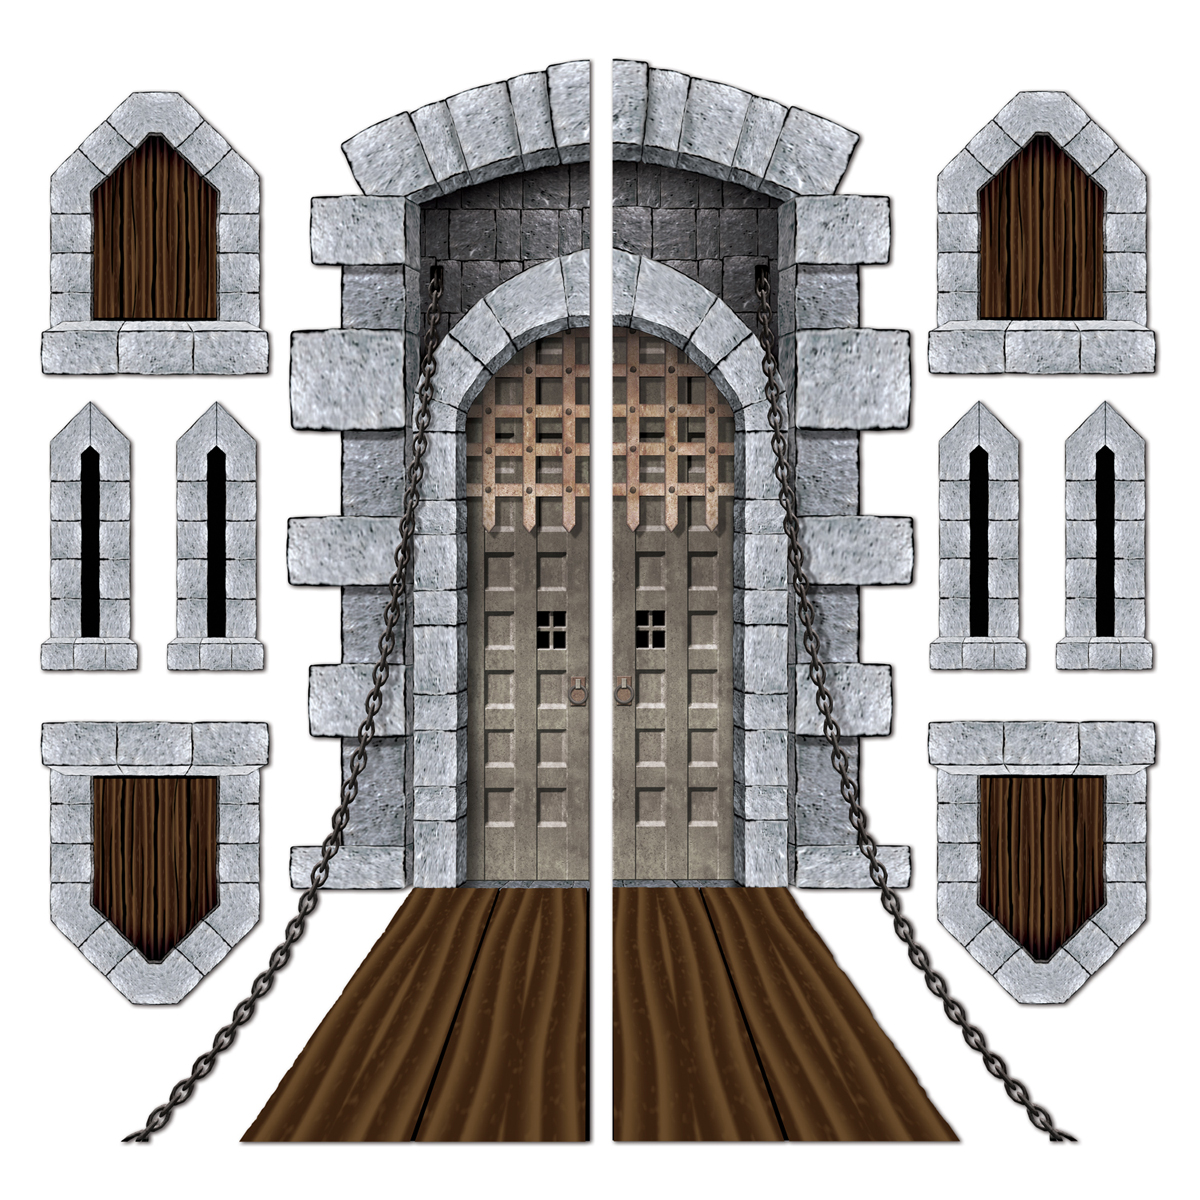 1200x1200 Buy New Castle Door Amp Window Props Caufieldscom, Animated Castle